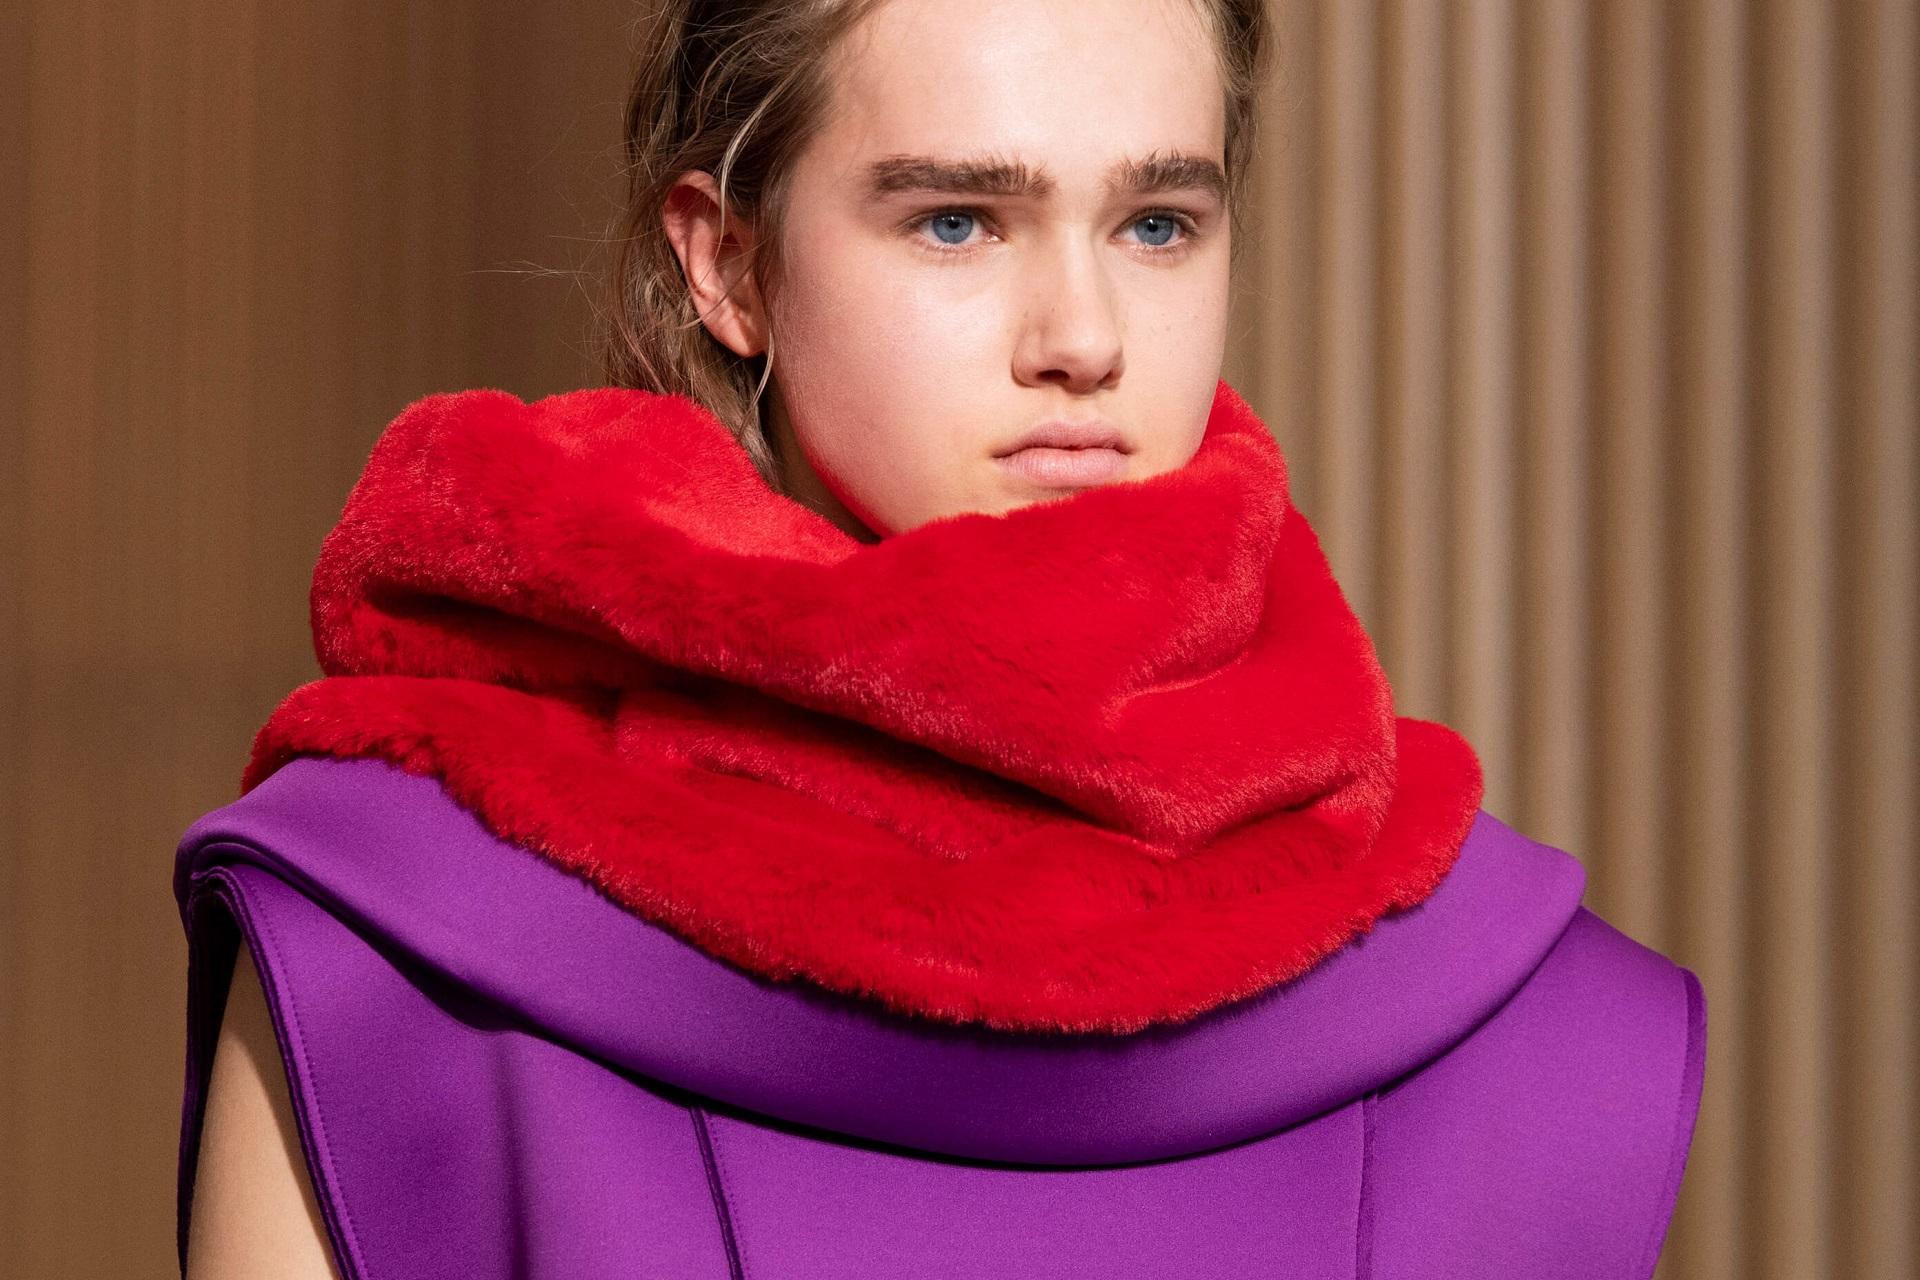 Анна на шее: 8 самых модных вариаций шарфов сезона осень-зима 2020/21-Фото 1